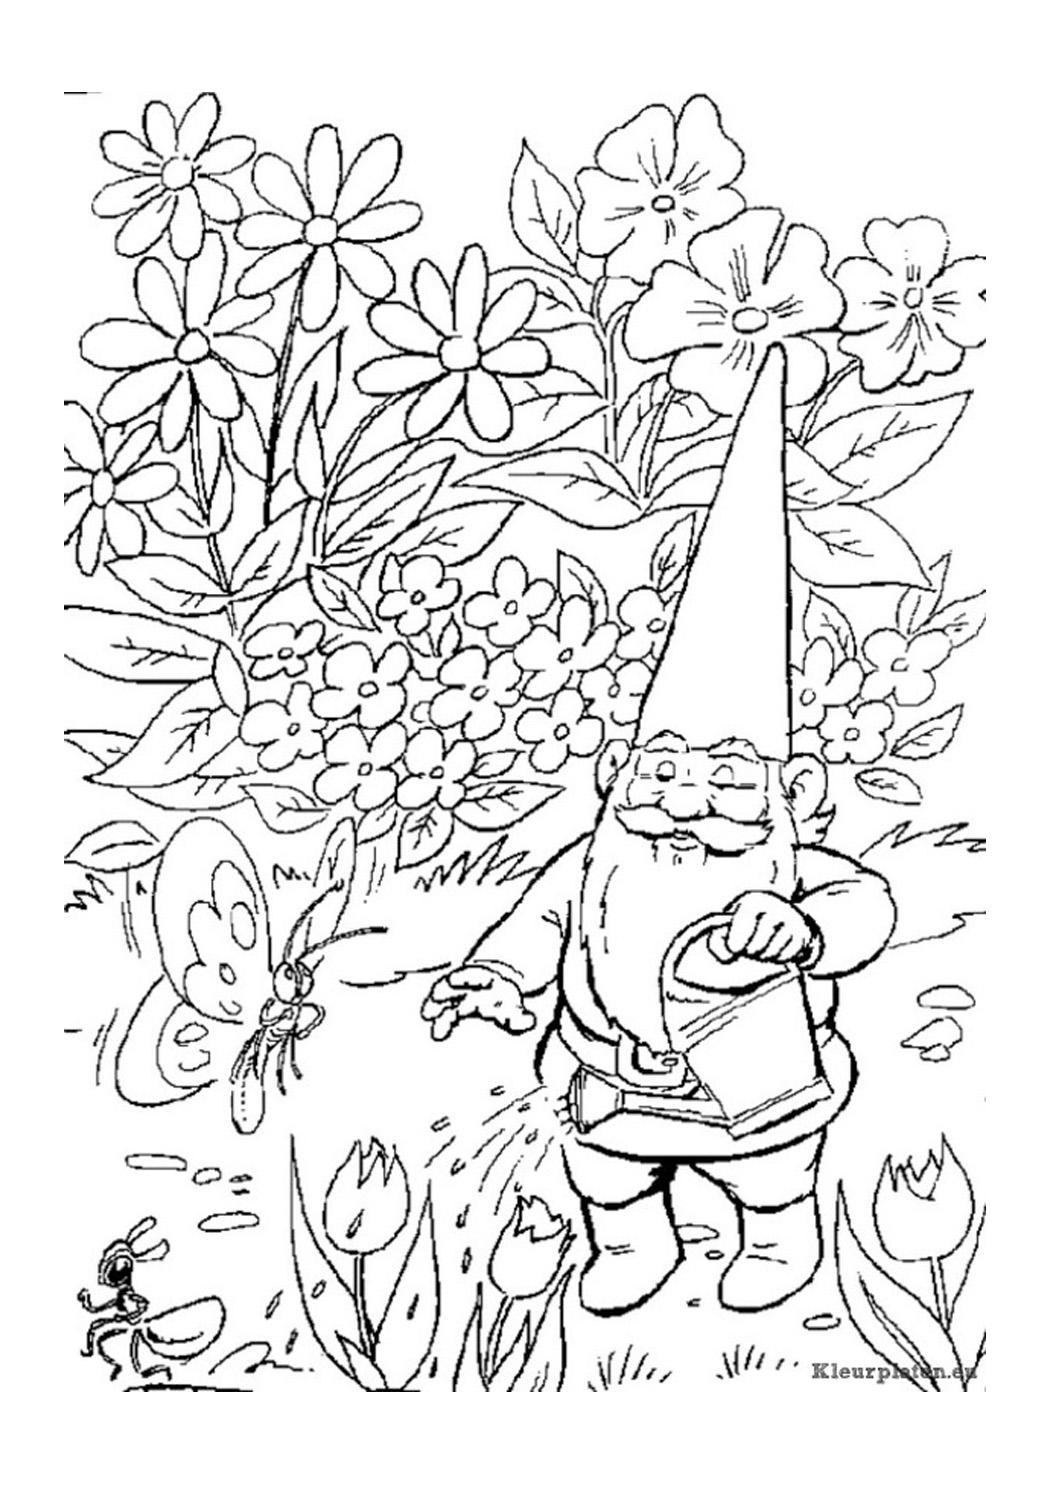 Volwassen Kleurplater Konijn Kleurplaat Tuinman Verjaardag Kleurplaat Koningsspelen